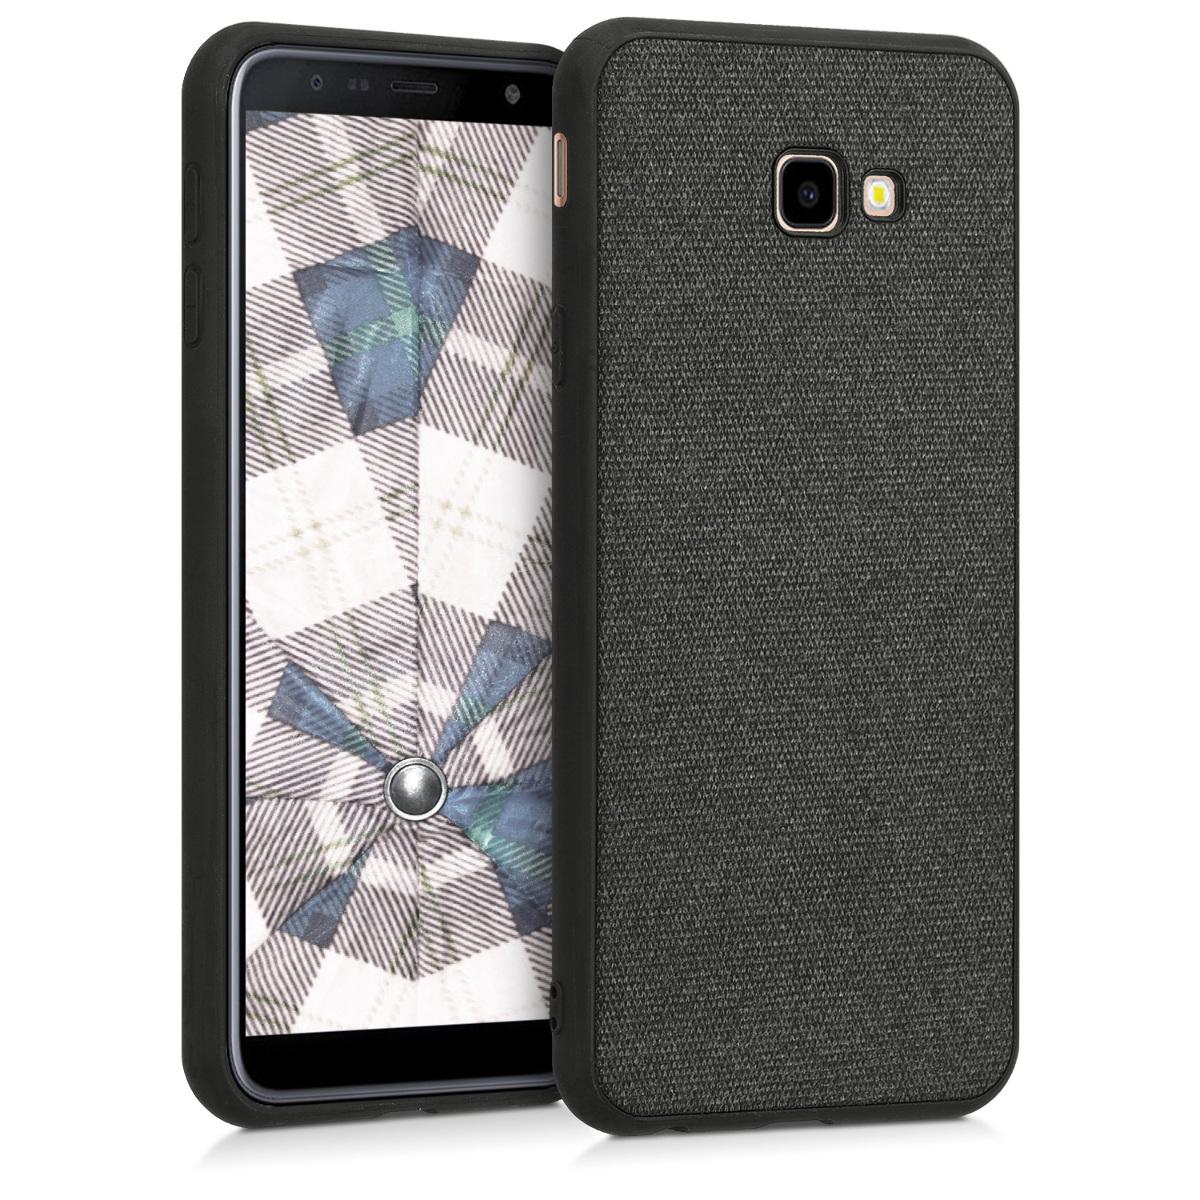 Kvalitní textilní pouzdro pro Samsung J4+ | J4 Plus DUOS - Tmavošedý